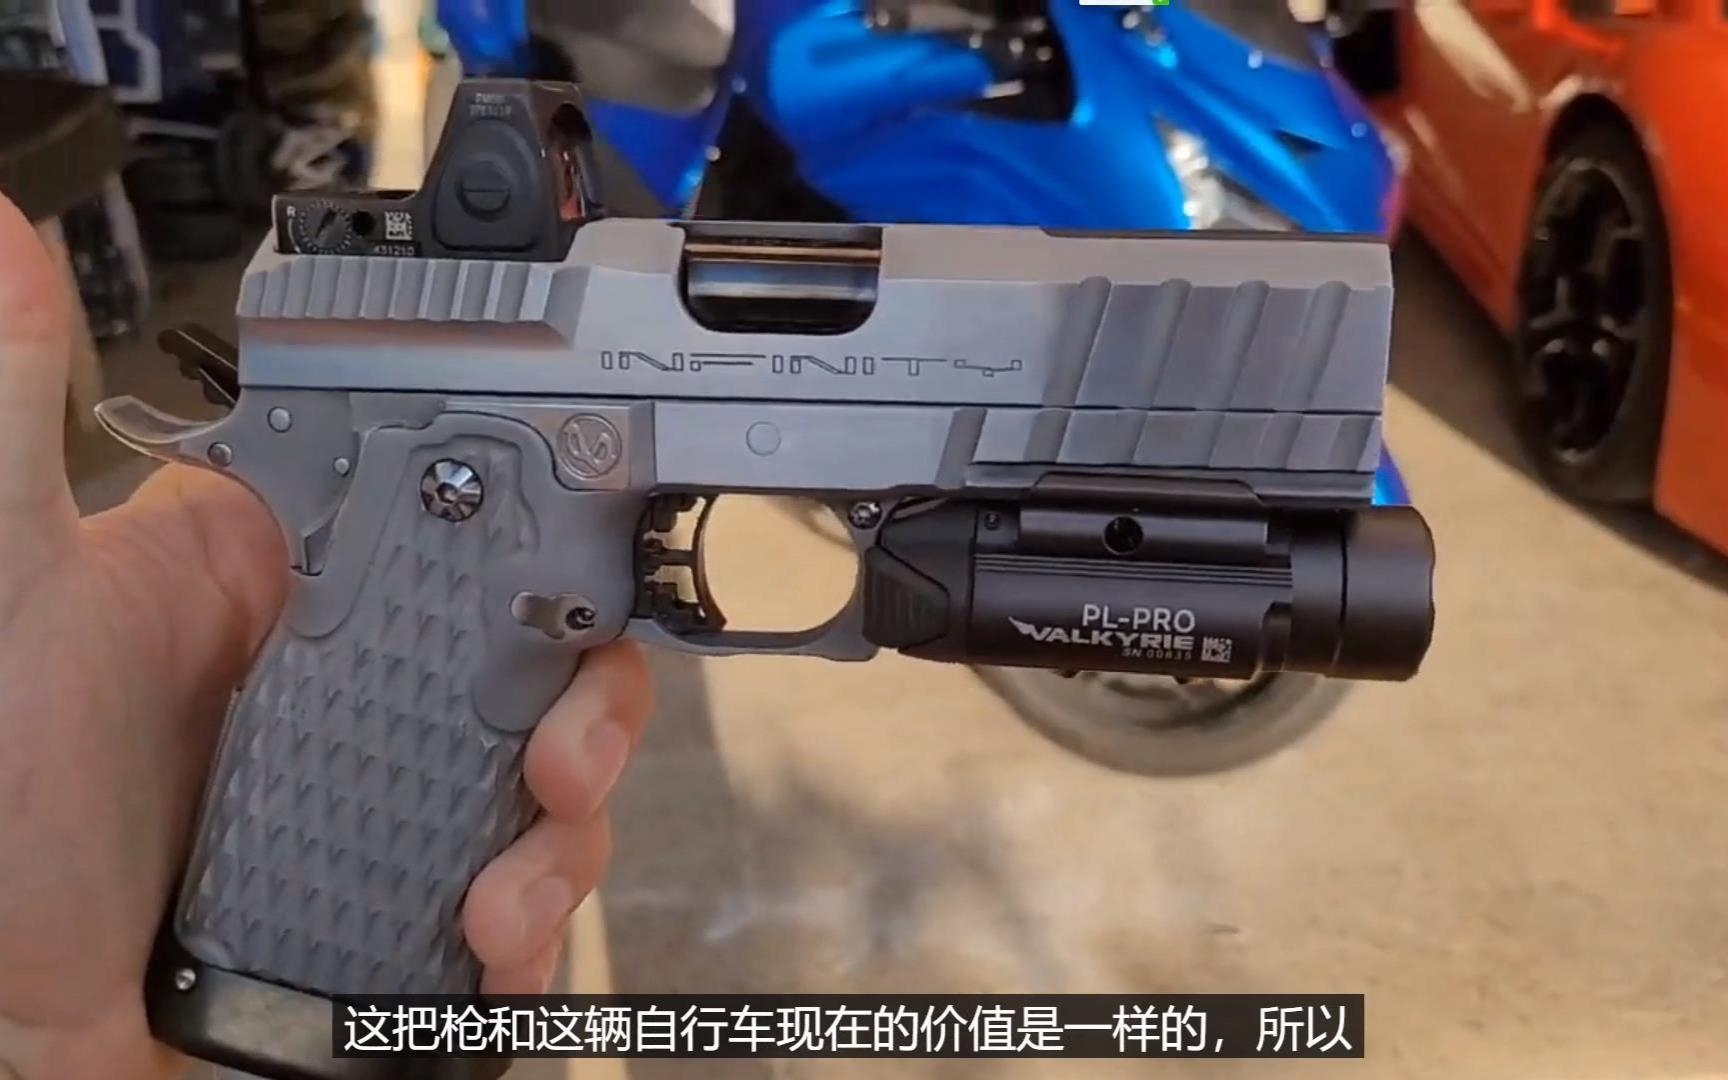 价值$6,900 美刀的 INFINTIY Firearms 2011  油管搬运